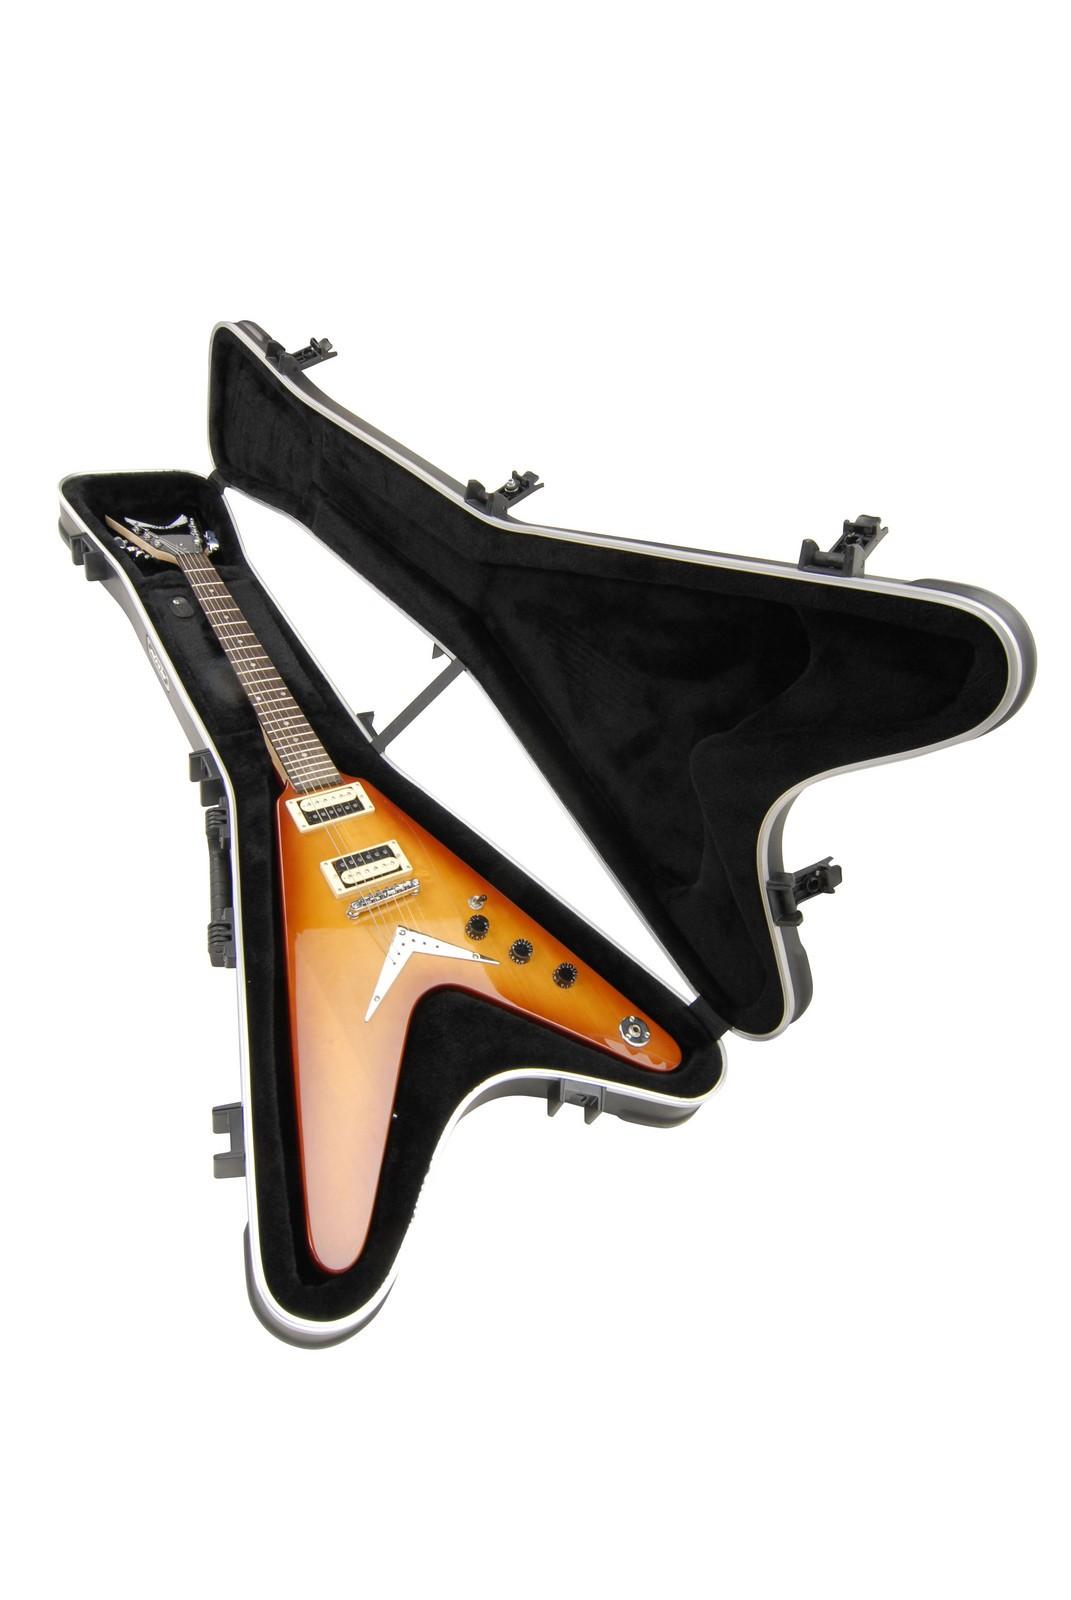 8b7e4bbd928 SKB Hardshell Guitar Case For Gibson Flying V - Long & McQuade ...